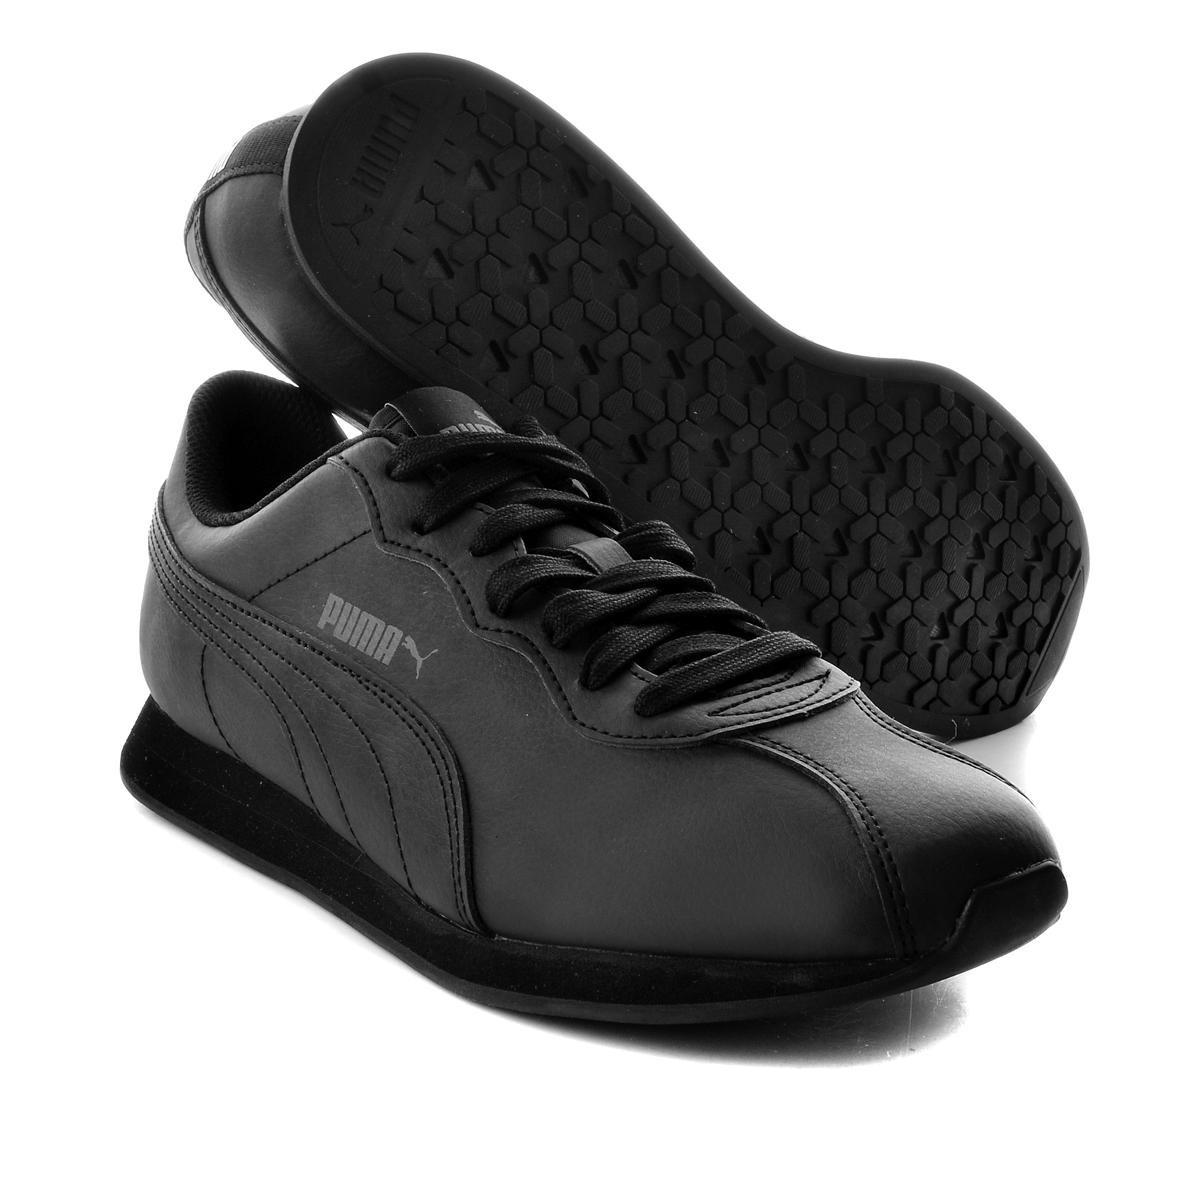 Zoom Negros Originales Cargando Ll Puma Totalmente 366962 Turin Tenis 02  Xqw0zna8 e86bc978a7a